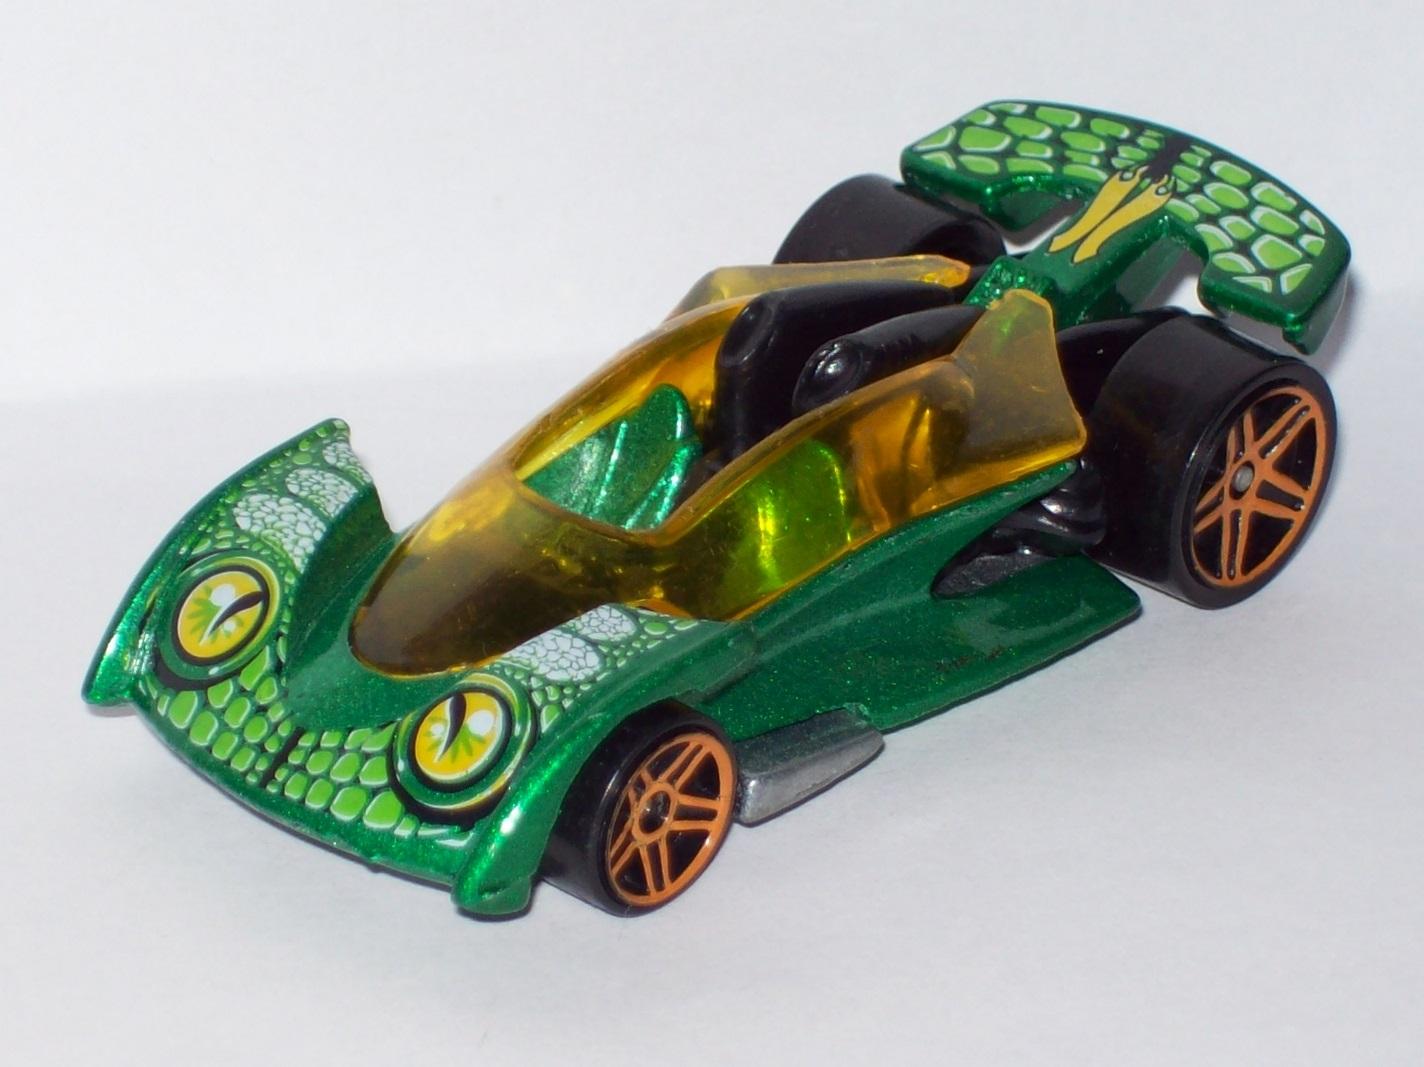 Hot wheels open roadster